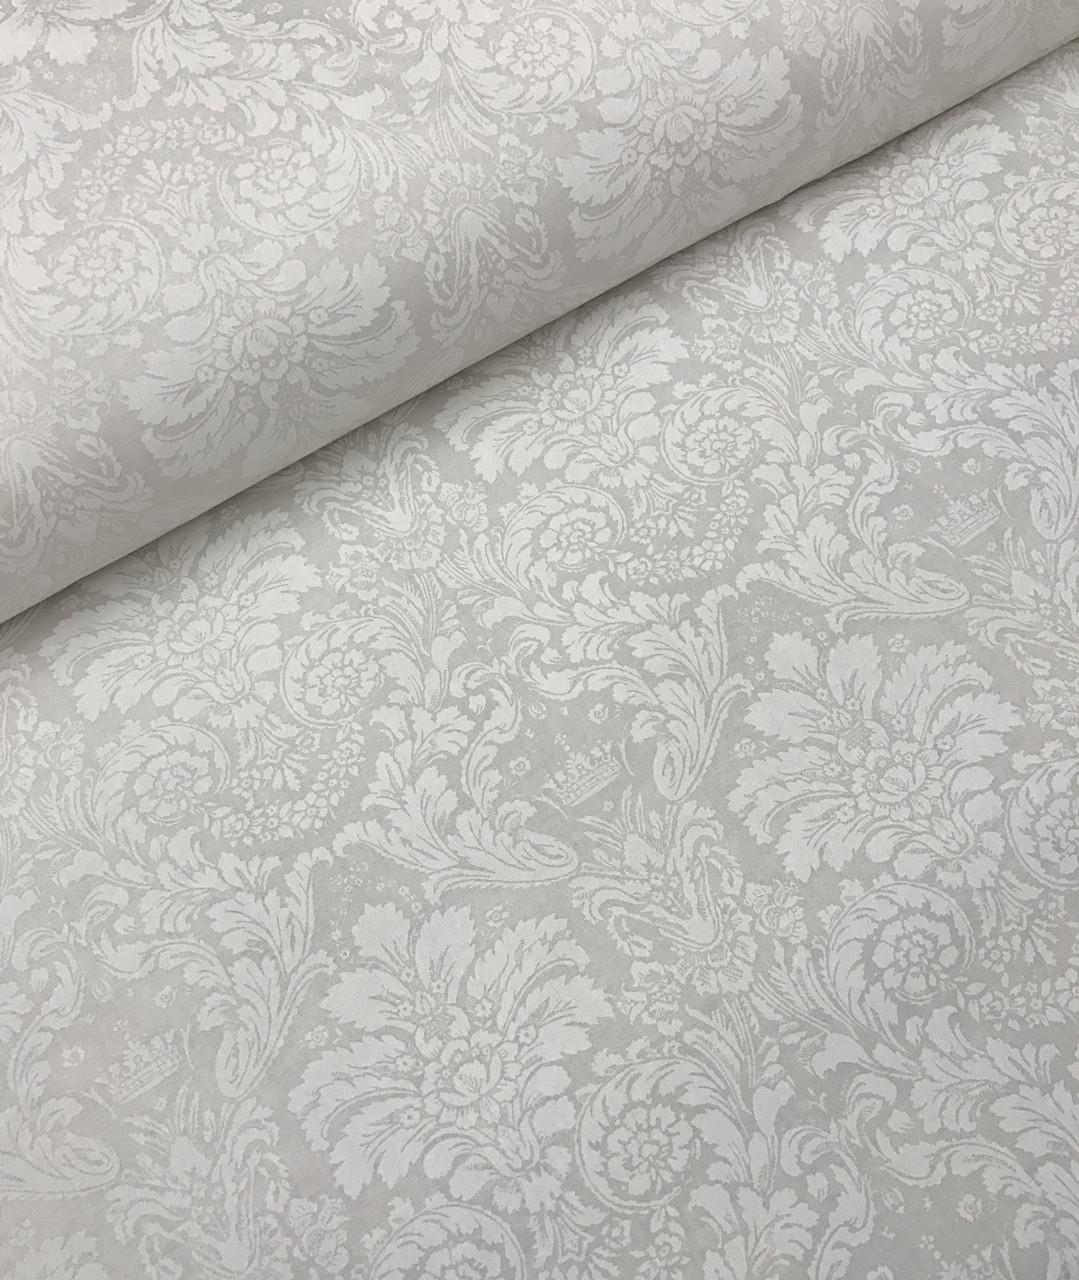 Хлопковая ткань преммиум-класса Дамаск белый